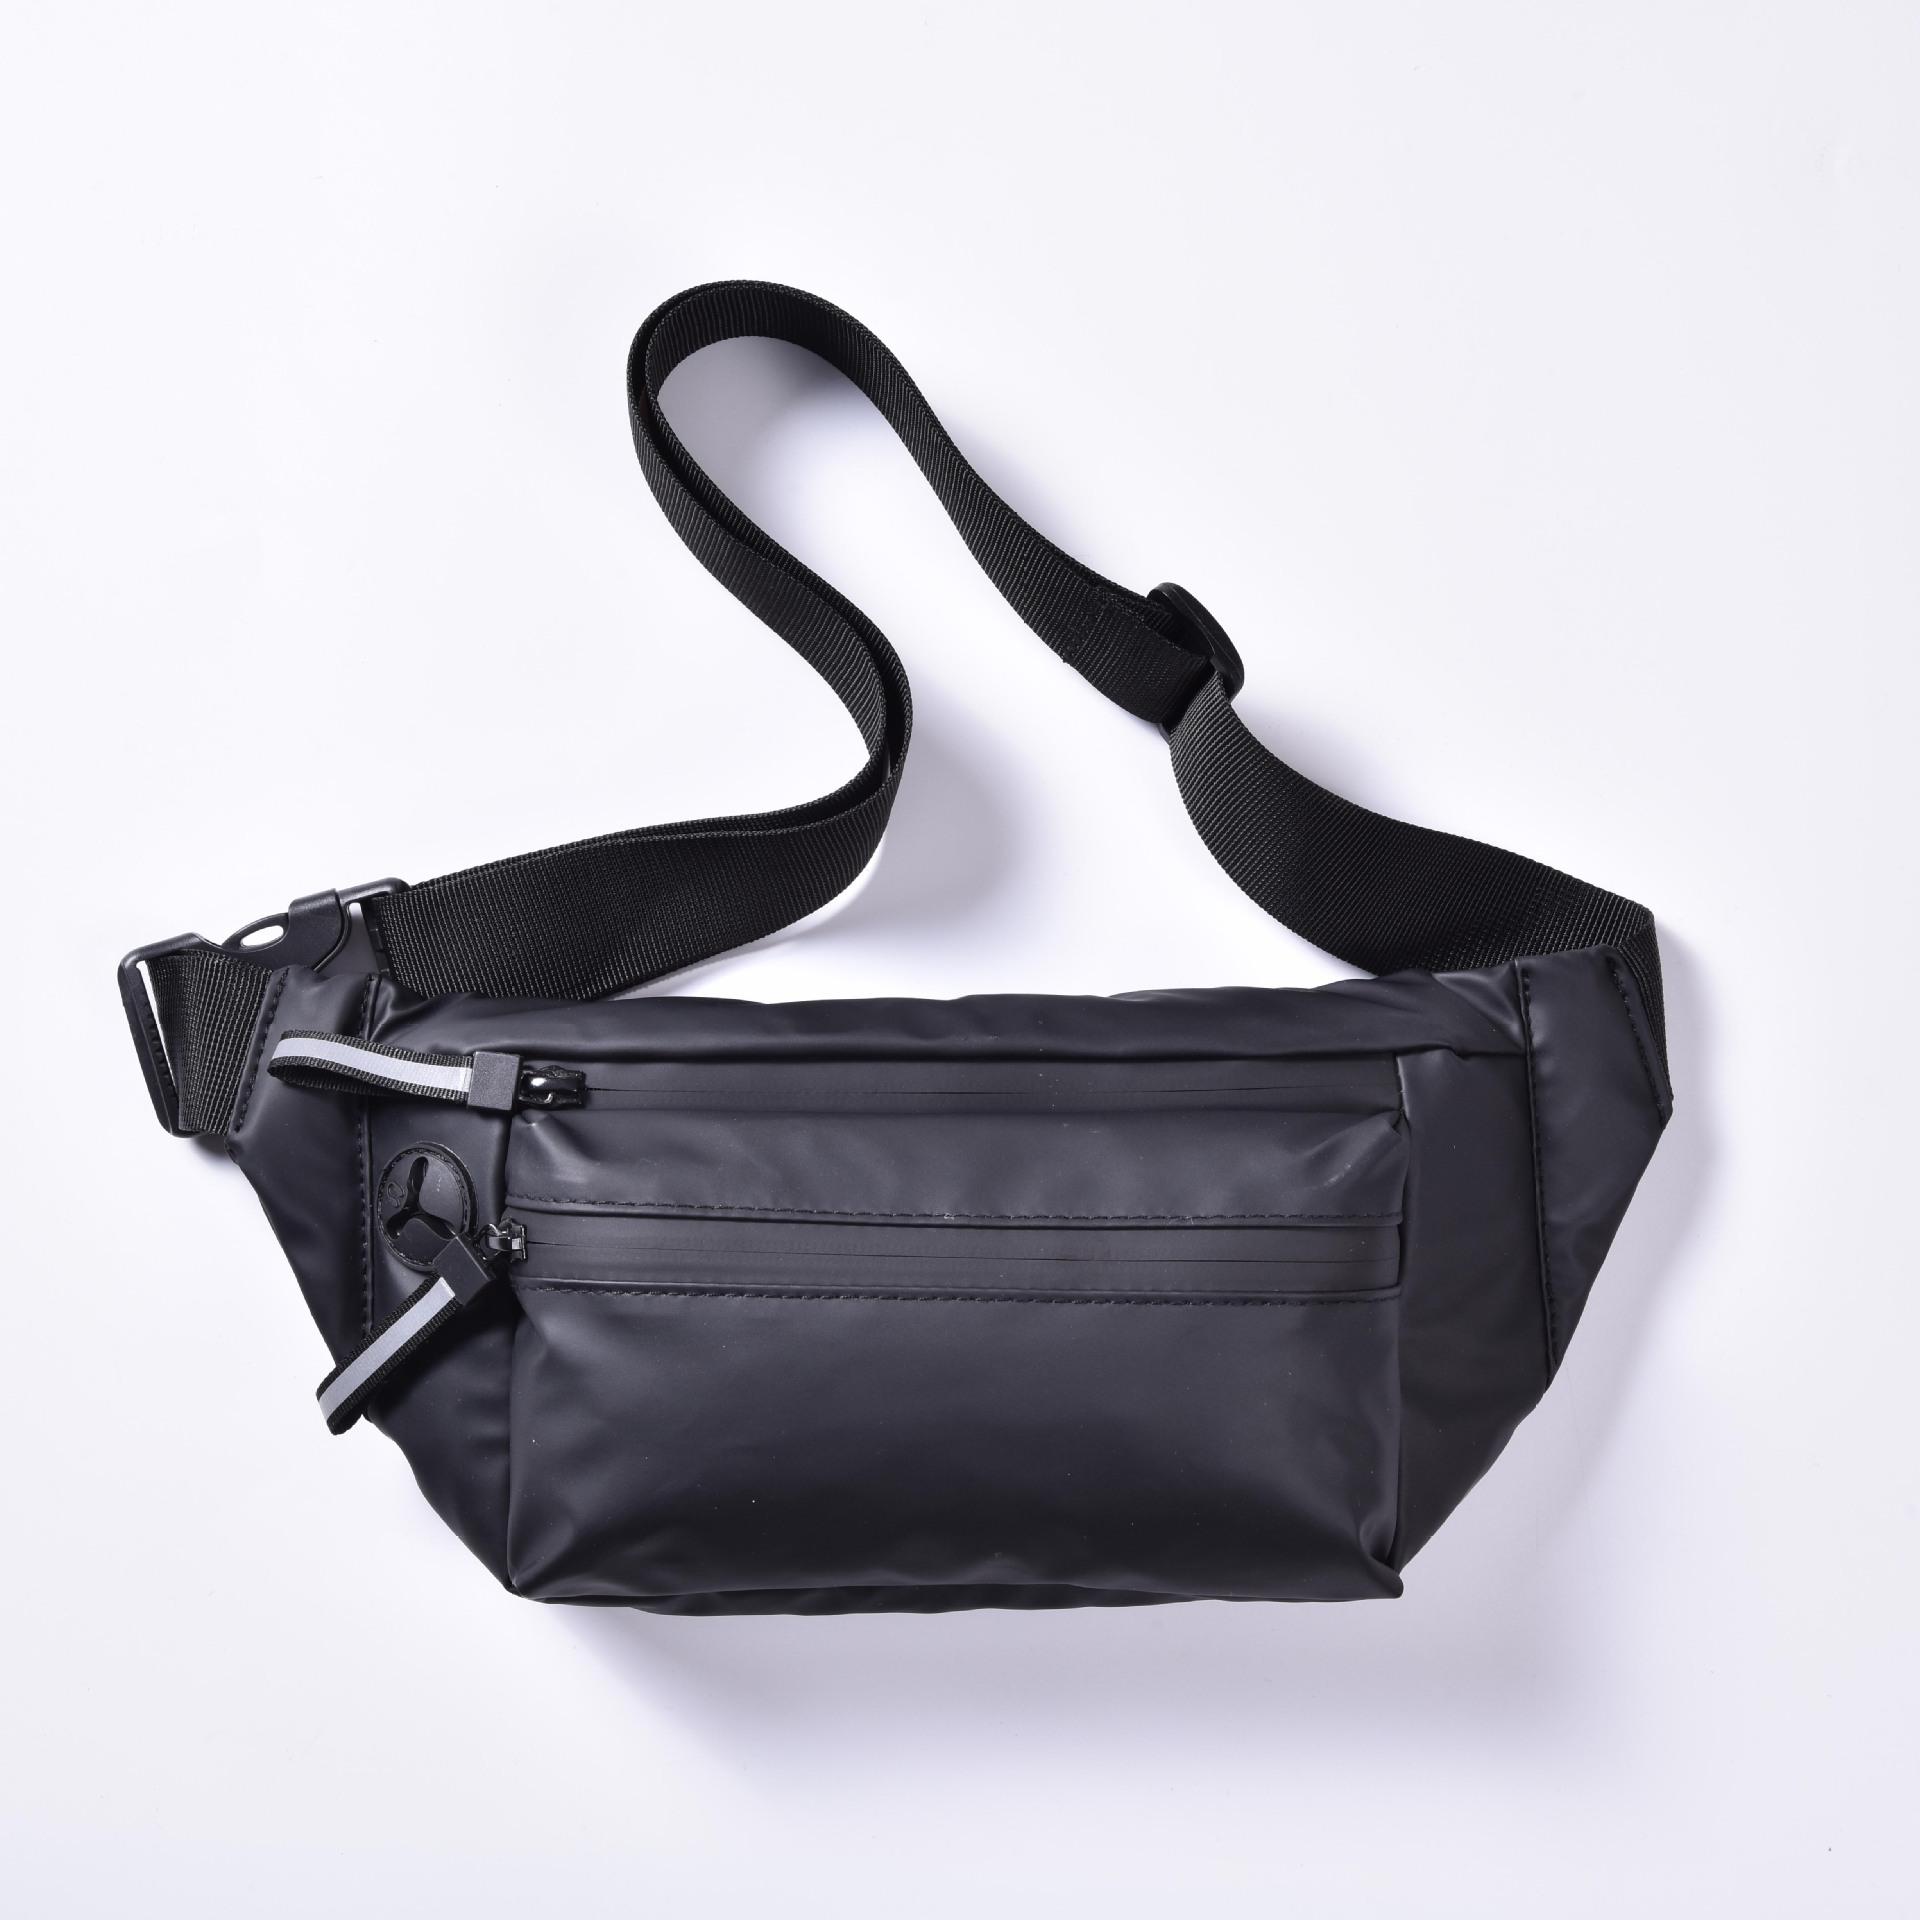 Outdoor sports single shoulder bag